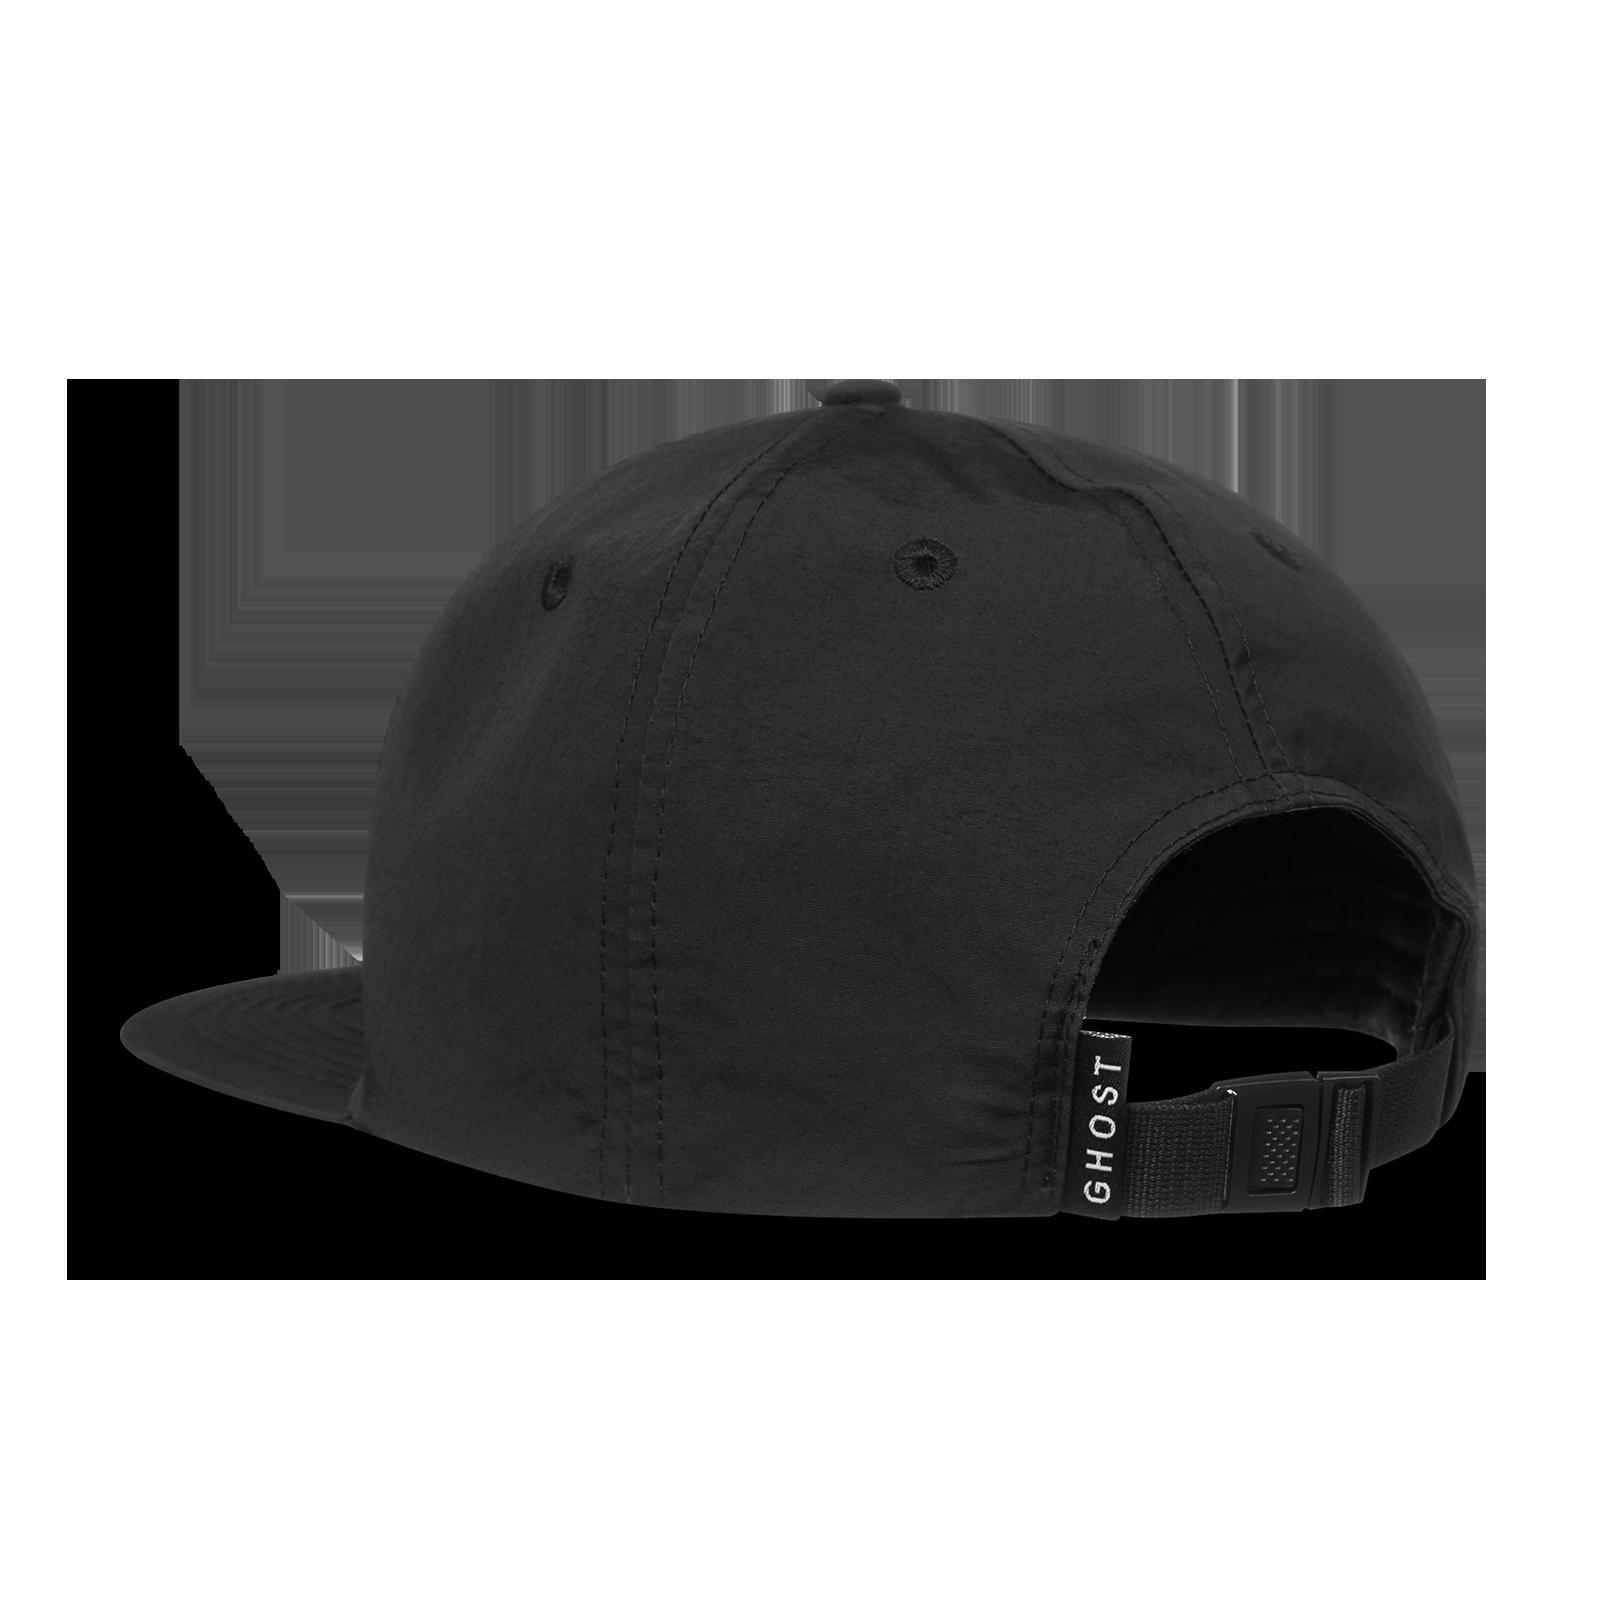 Cap product image